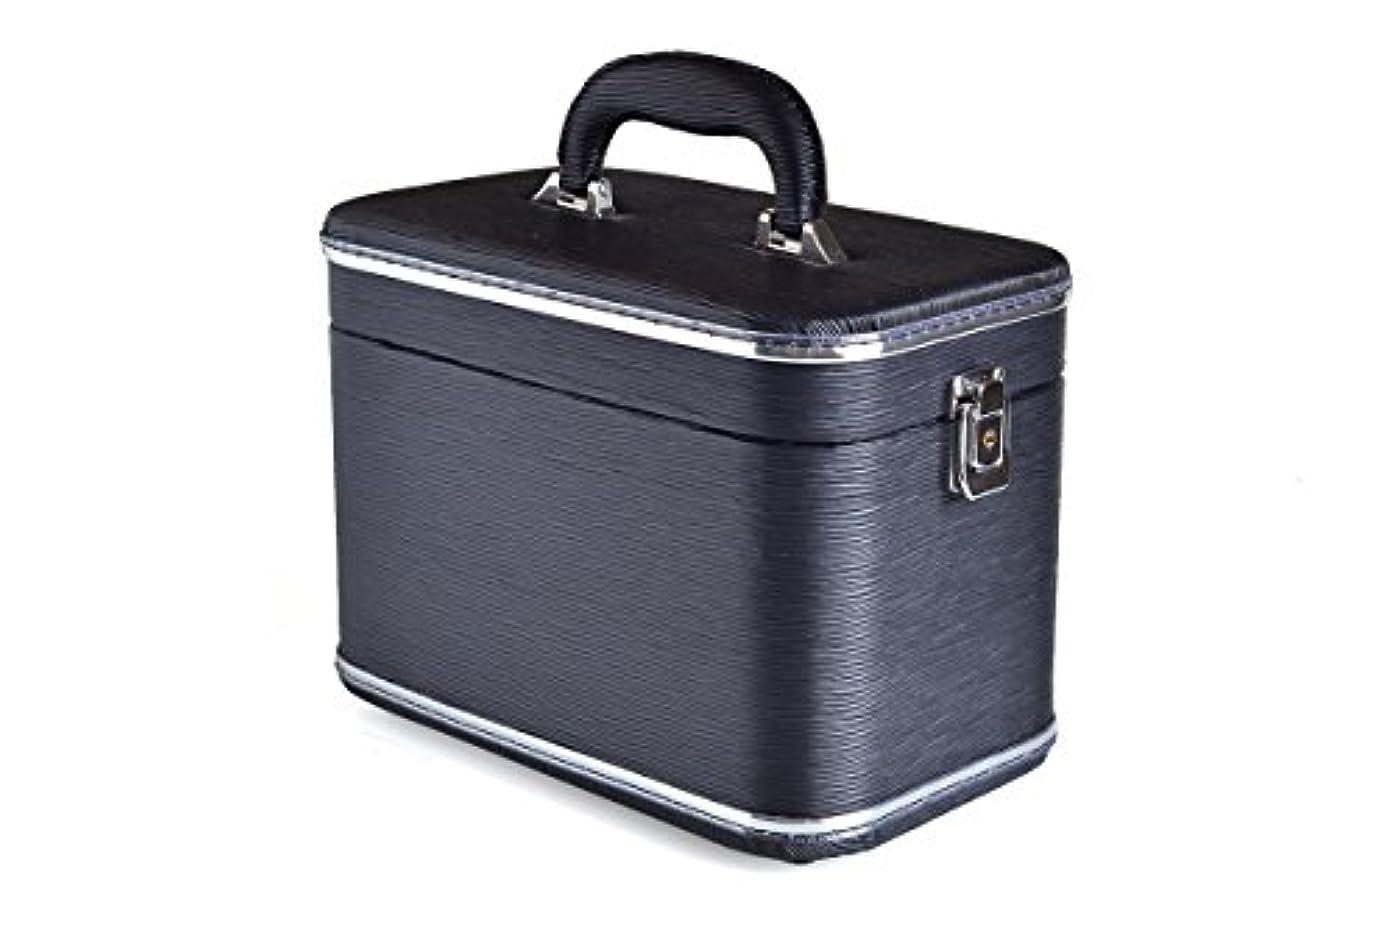 気絶させる関係ない貢献コスメボックス 化粧収納ボックス トレンケース 化粧雑貨 ポーチ (Z44/エピブラック)